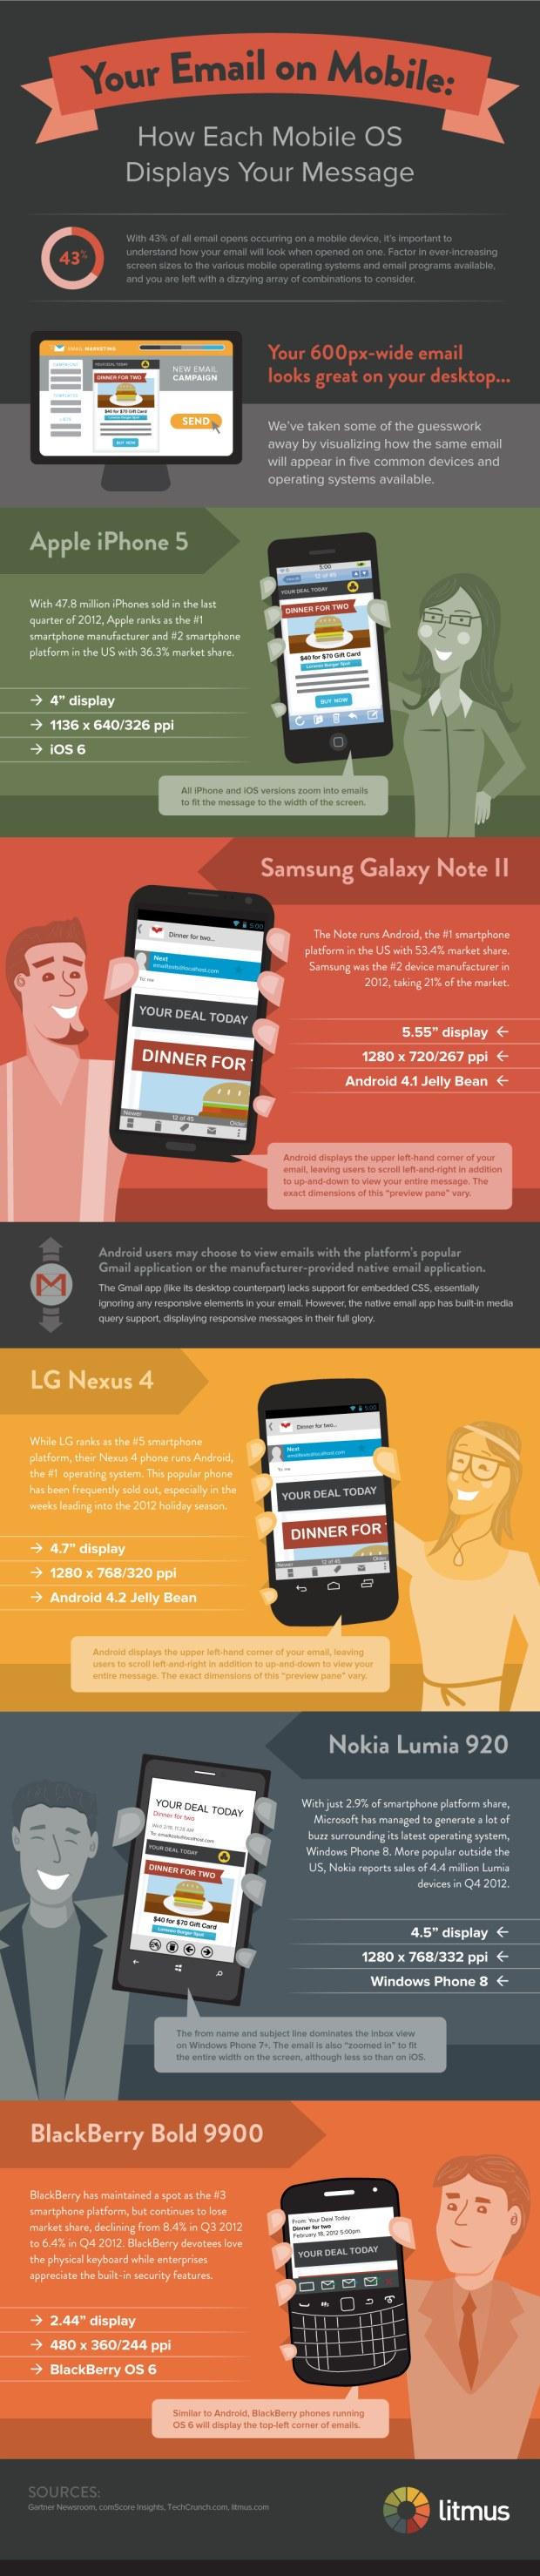 Hoe ziet jou mailing eruit op een mobieltje